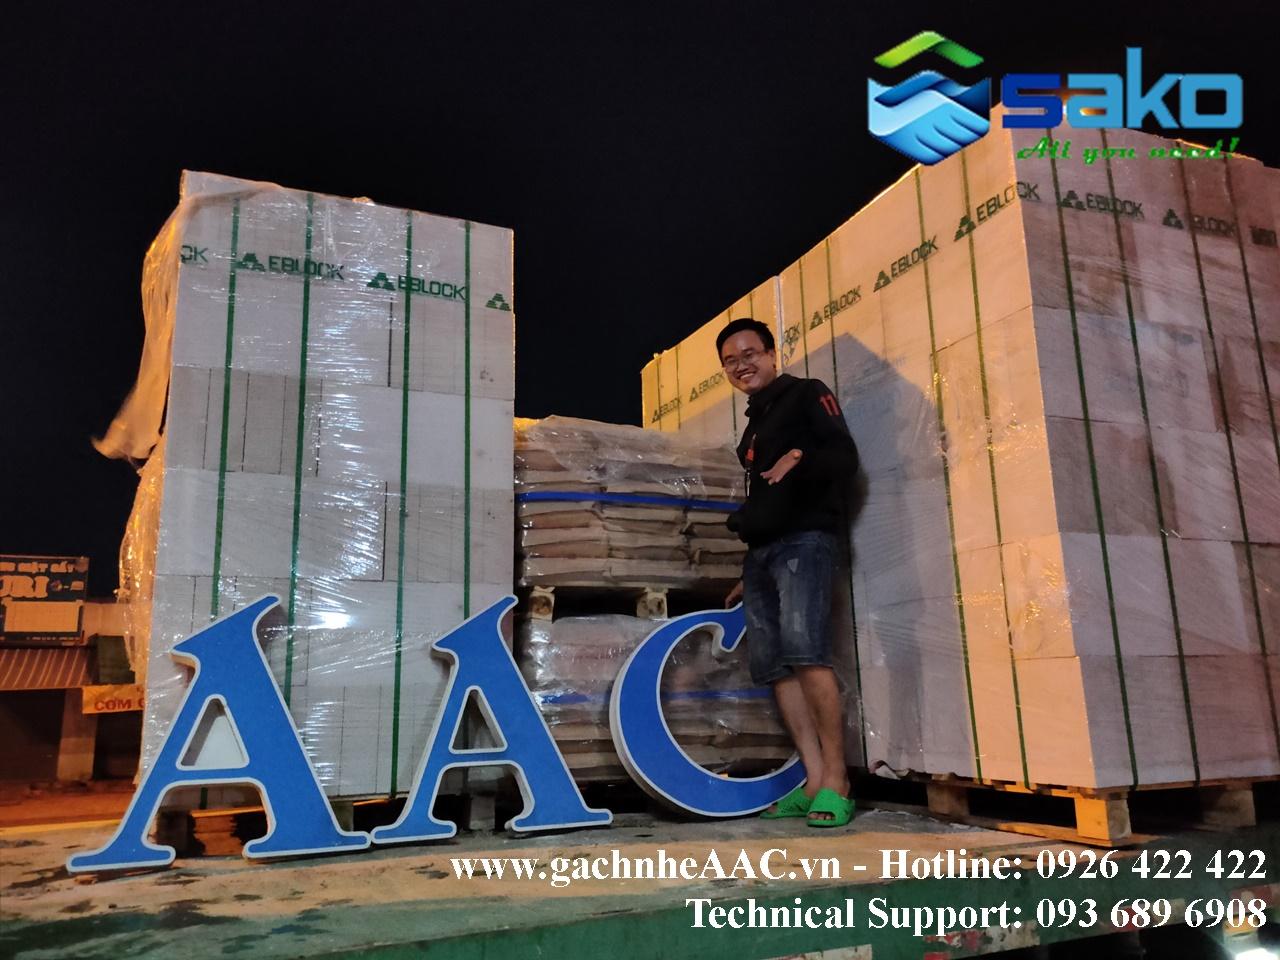 Bao gia gach AAC gia re va tam tuong san panel AAC tai Long An, Can Tho, Kien Giang, Soc Trang, Tra Vinh, Bac Lieu, Binh Duong, Binh Phuoc